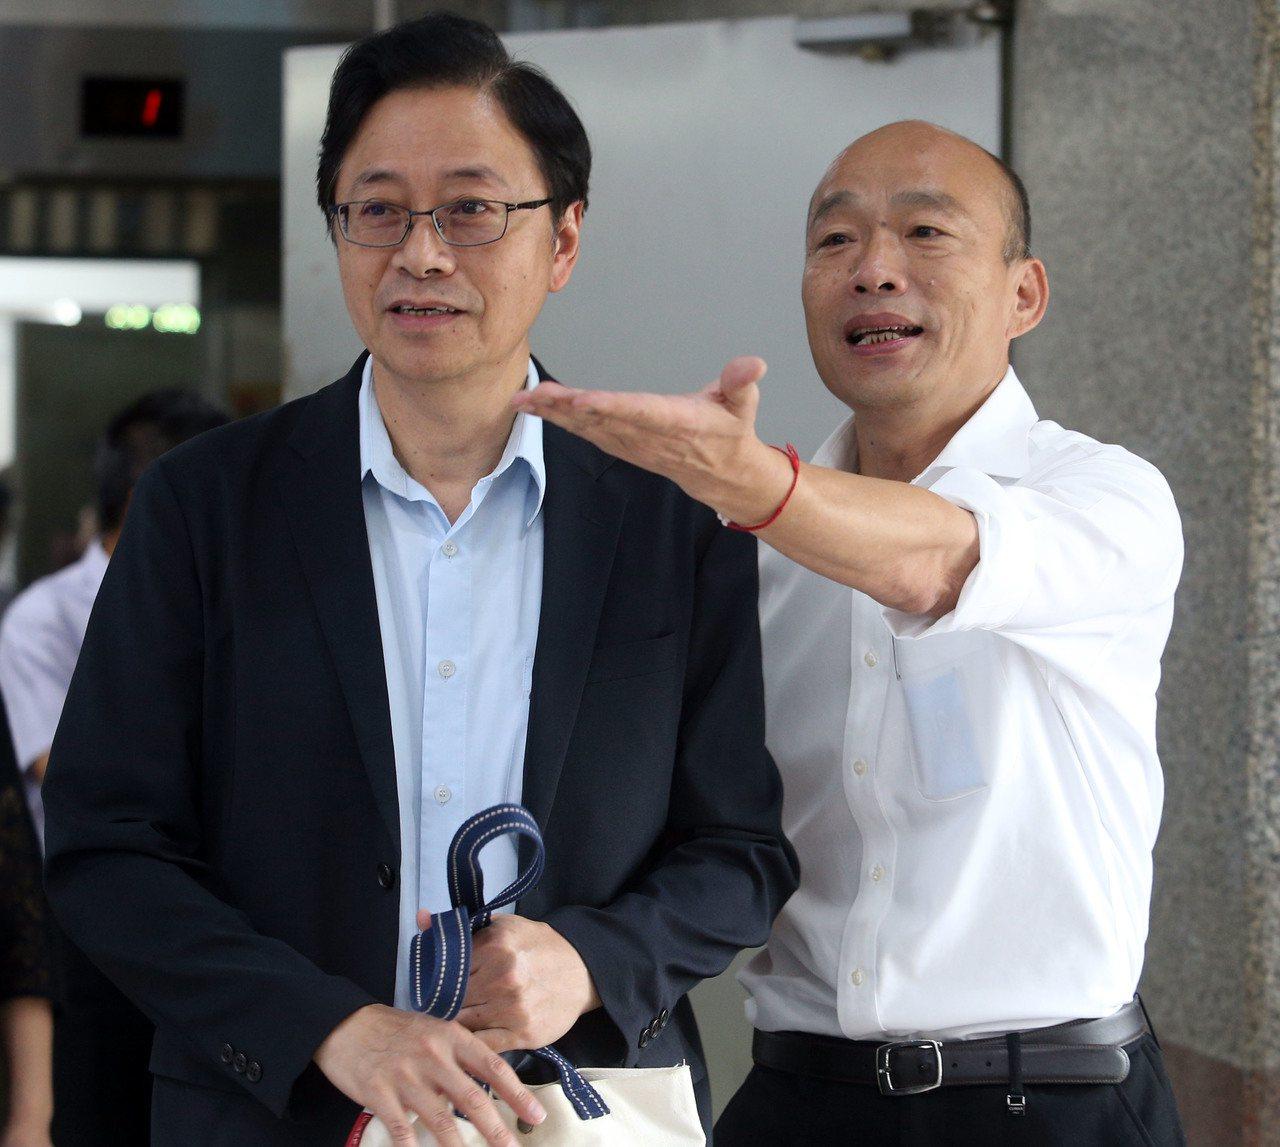 国民党总统参选人韩国瑜(右起)与国政顾问团总召张善政。记者刘学圣/摄影